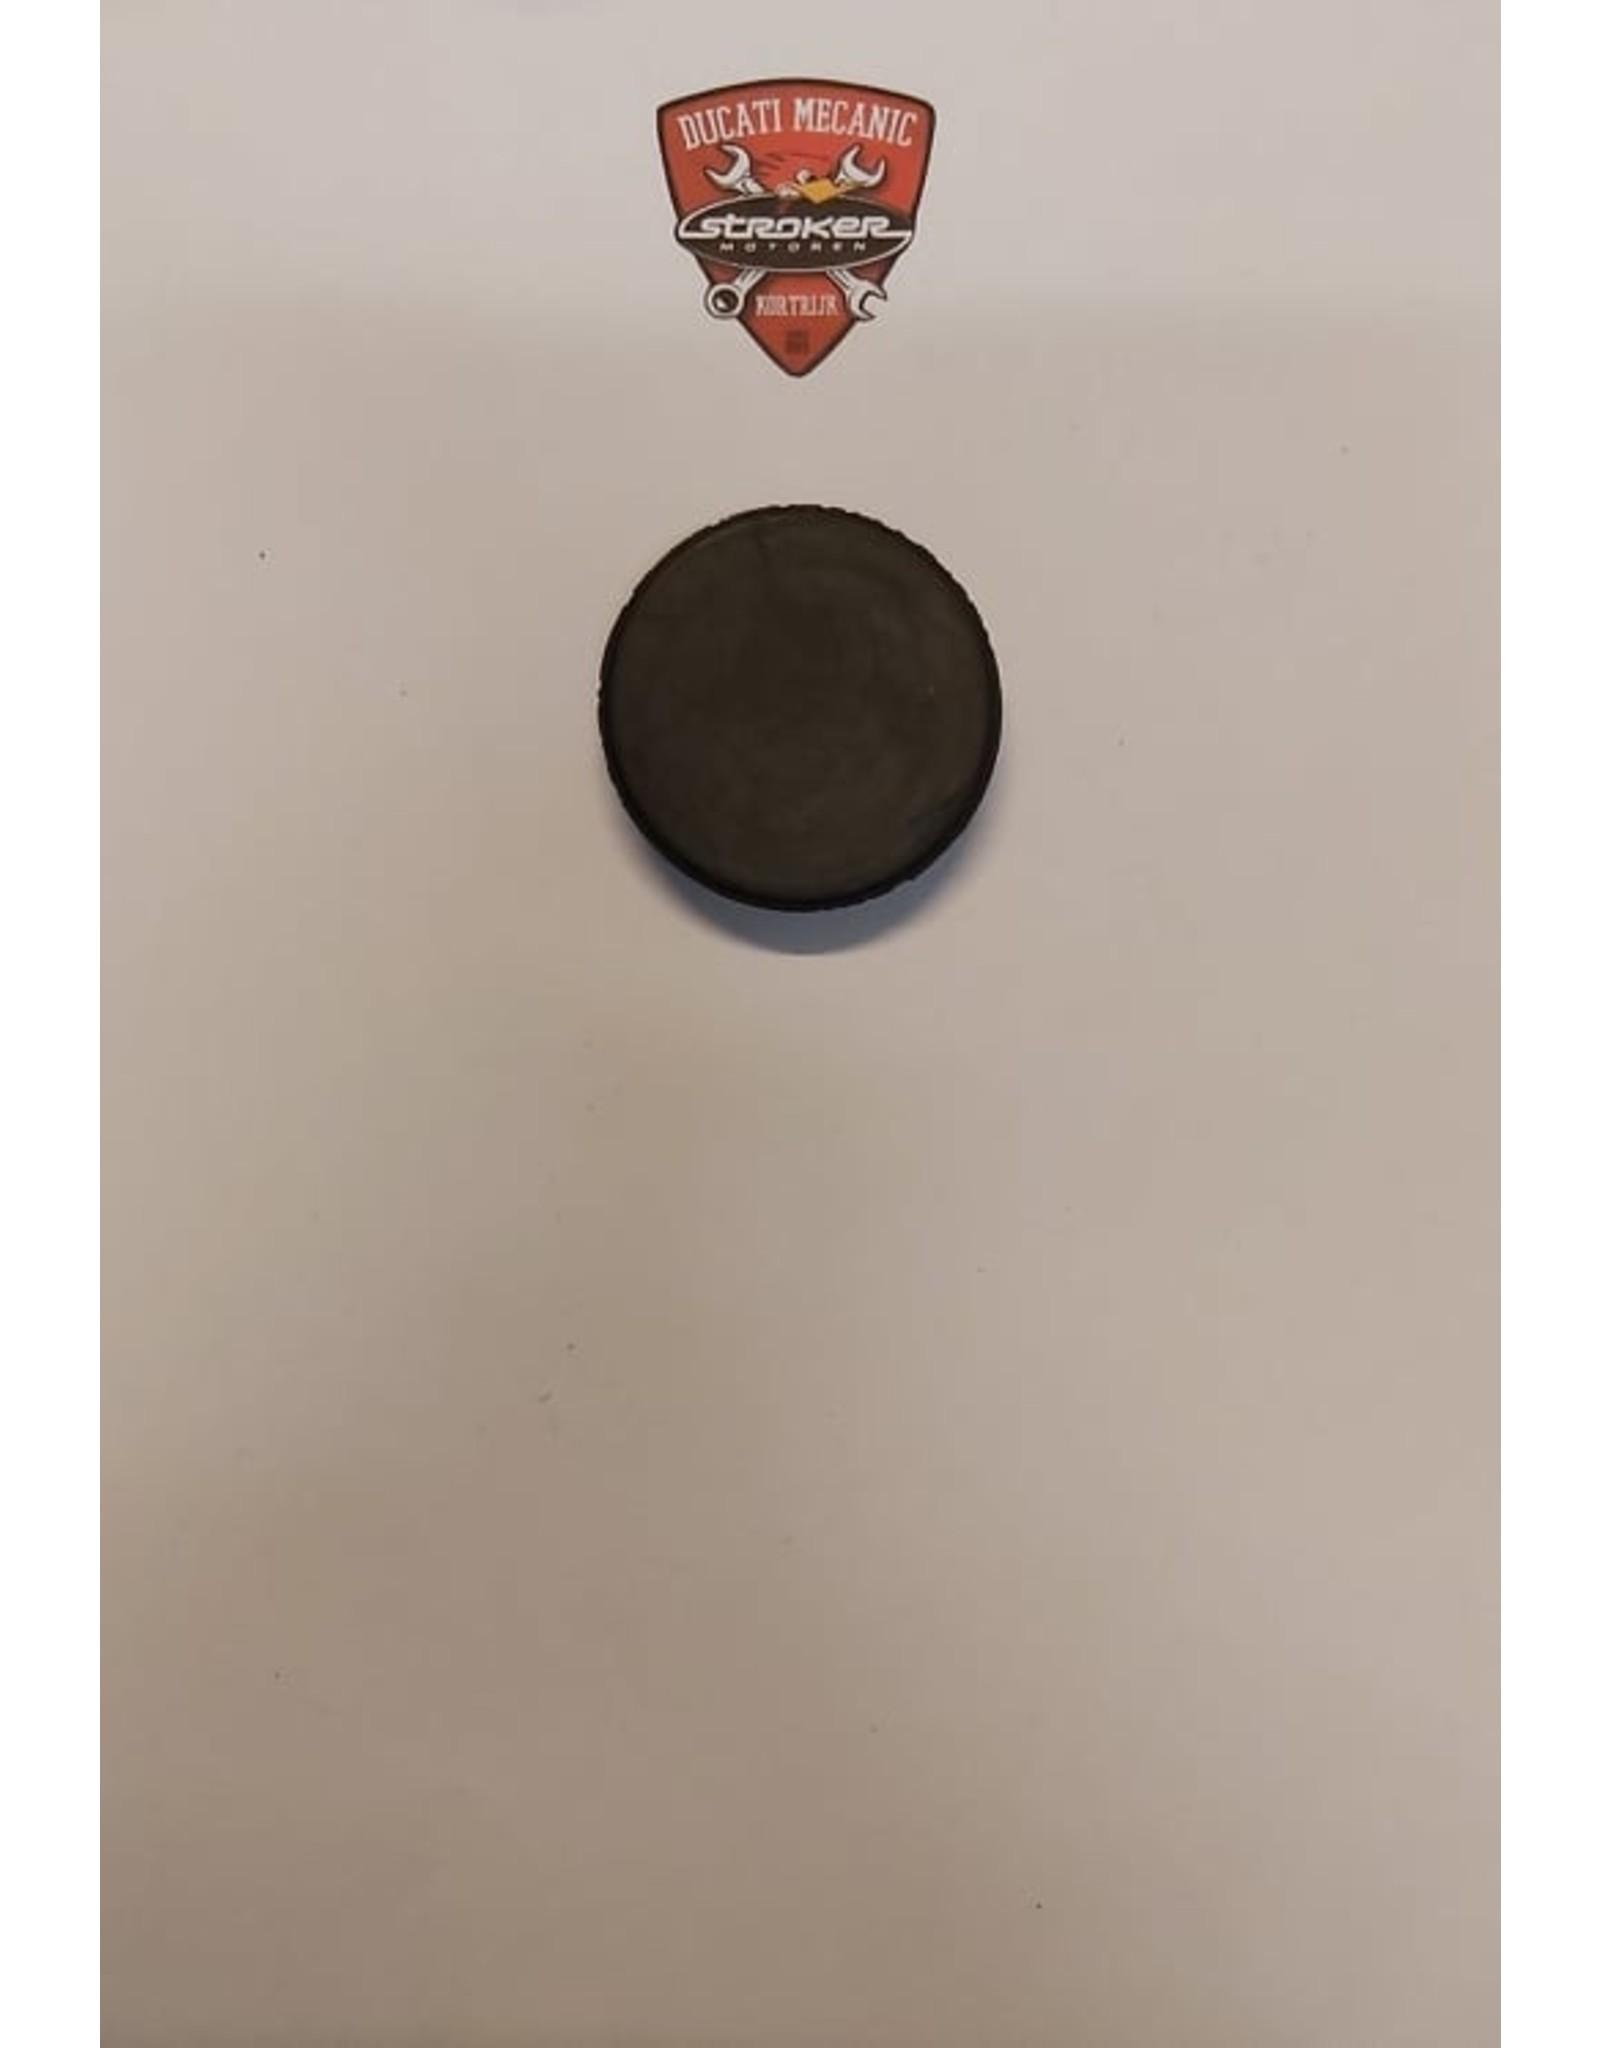 DUCATI CAP RUBBER